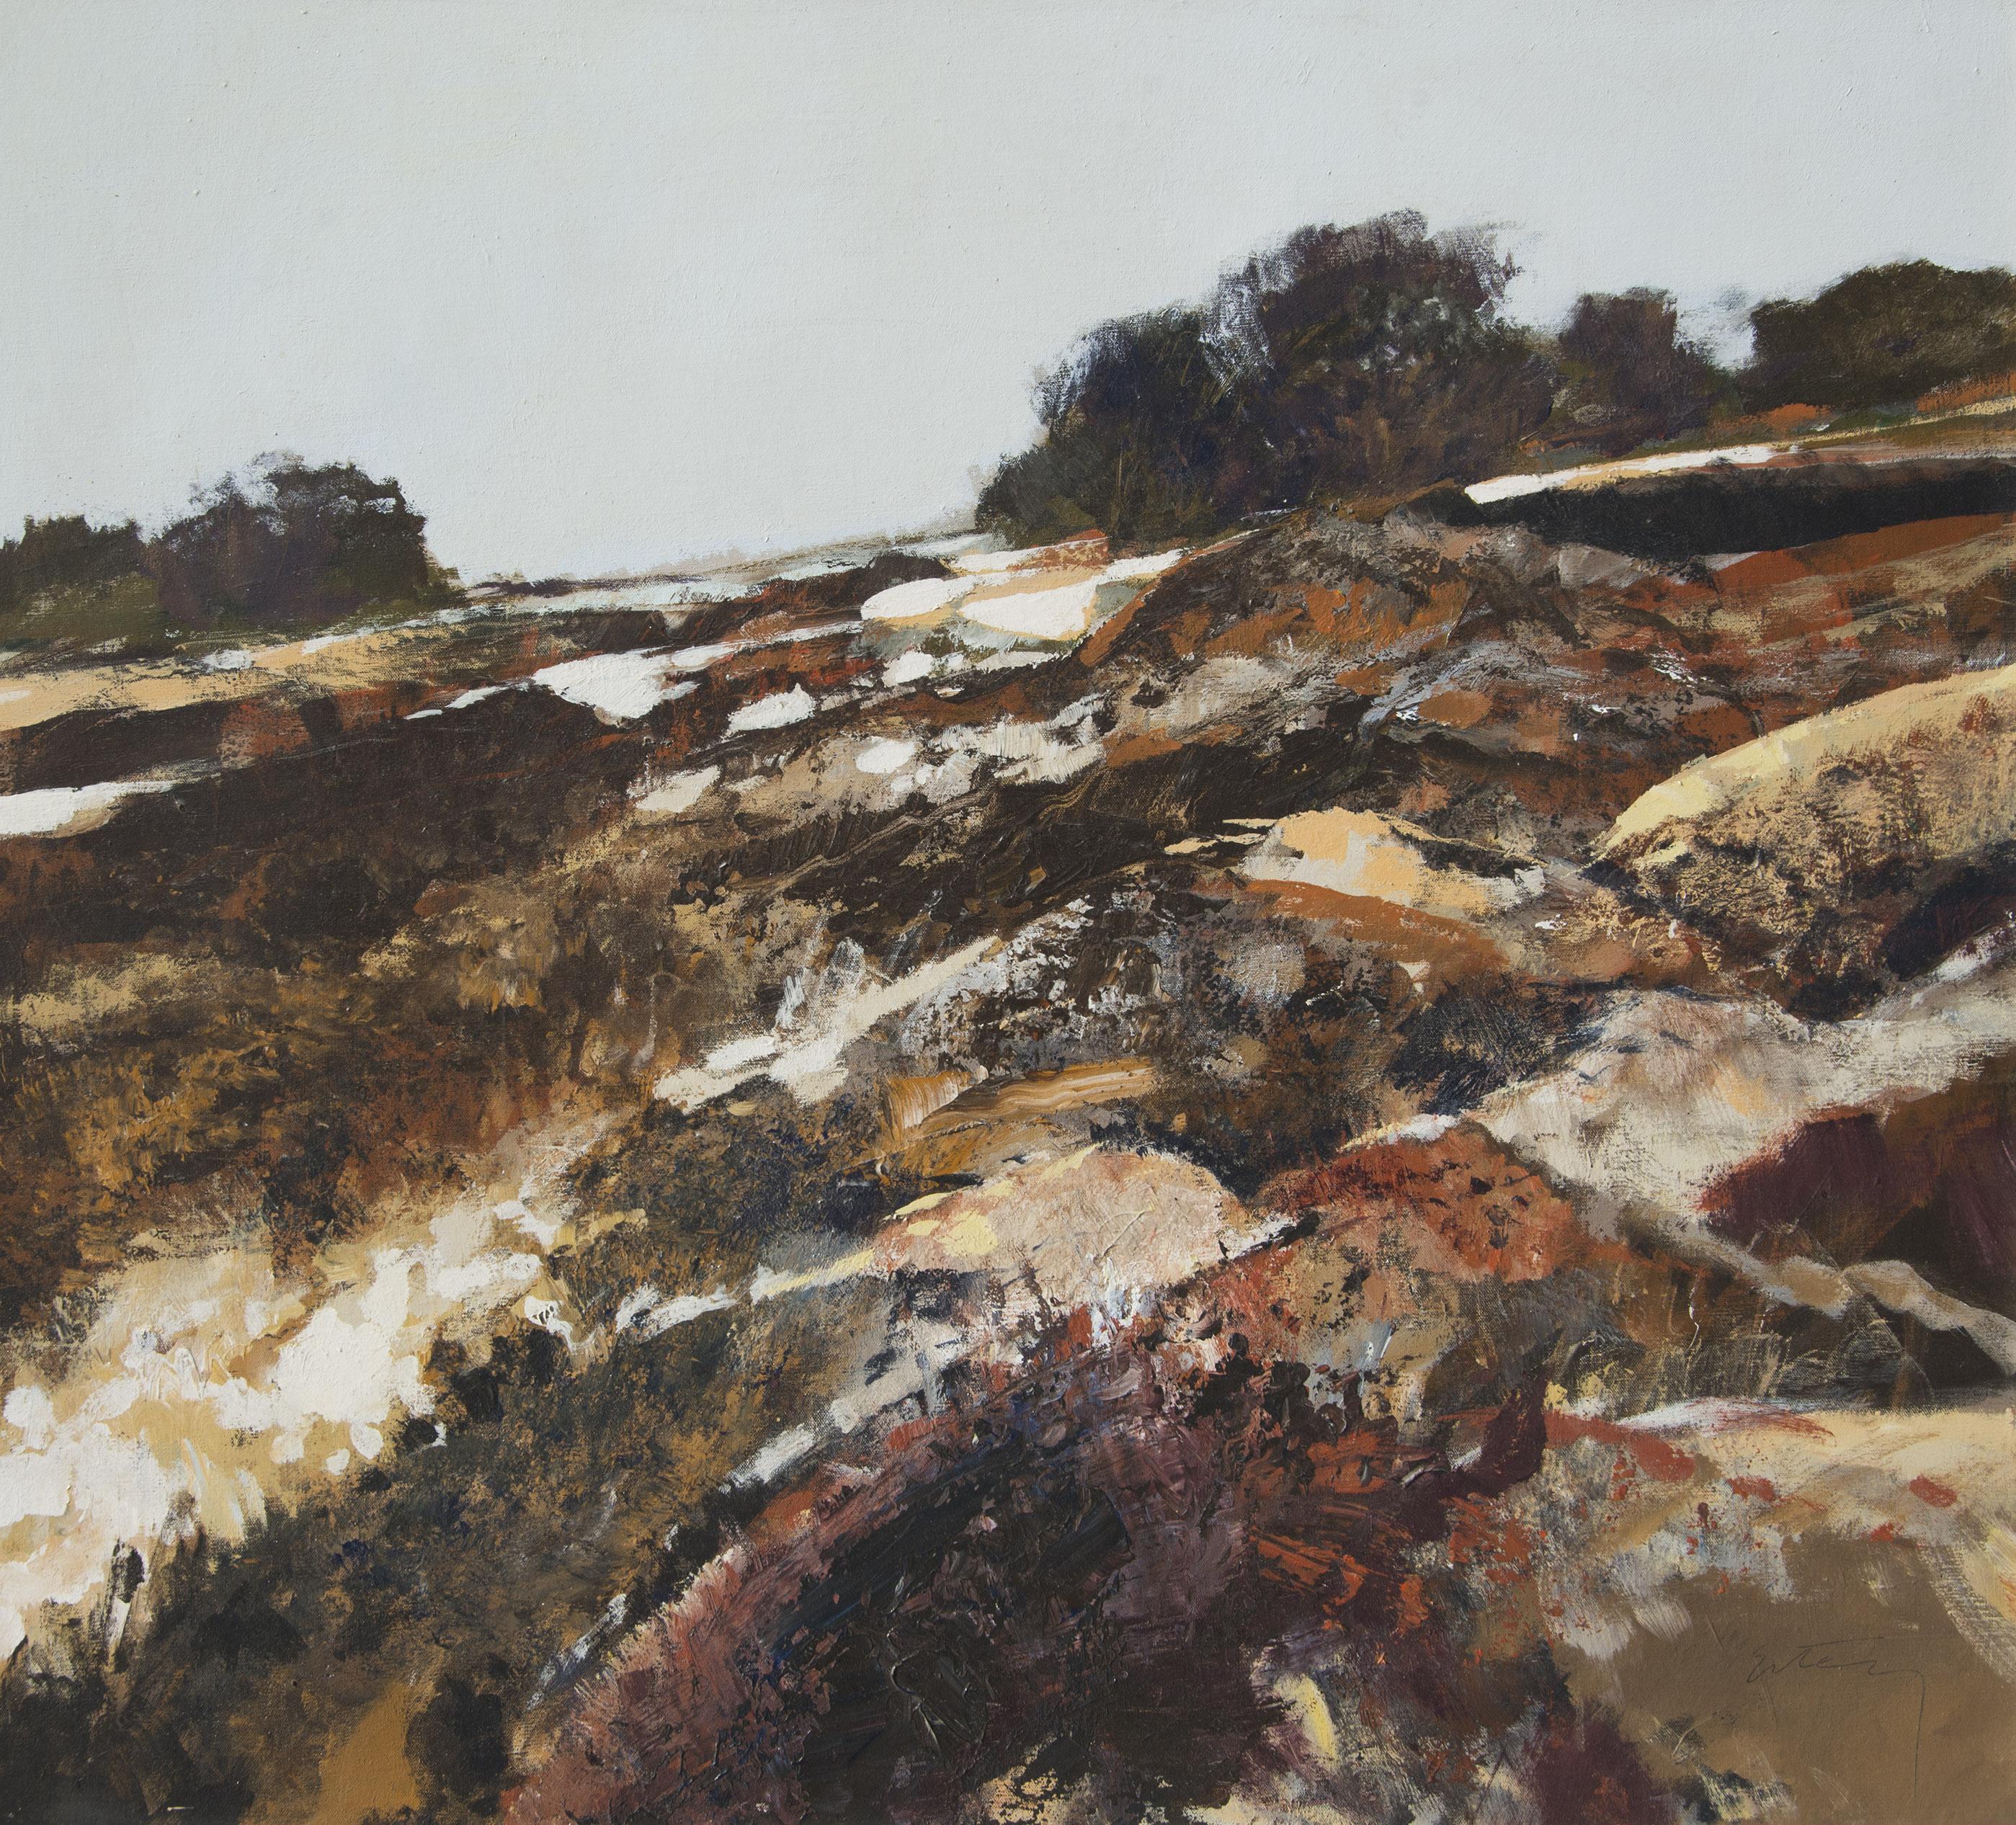 James Estey, Foothills